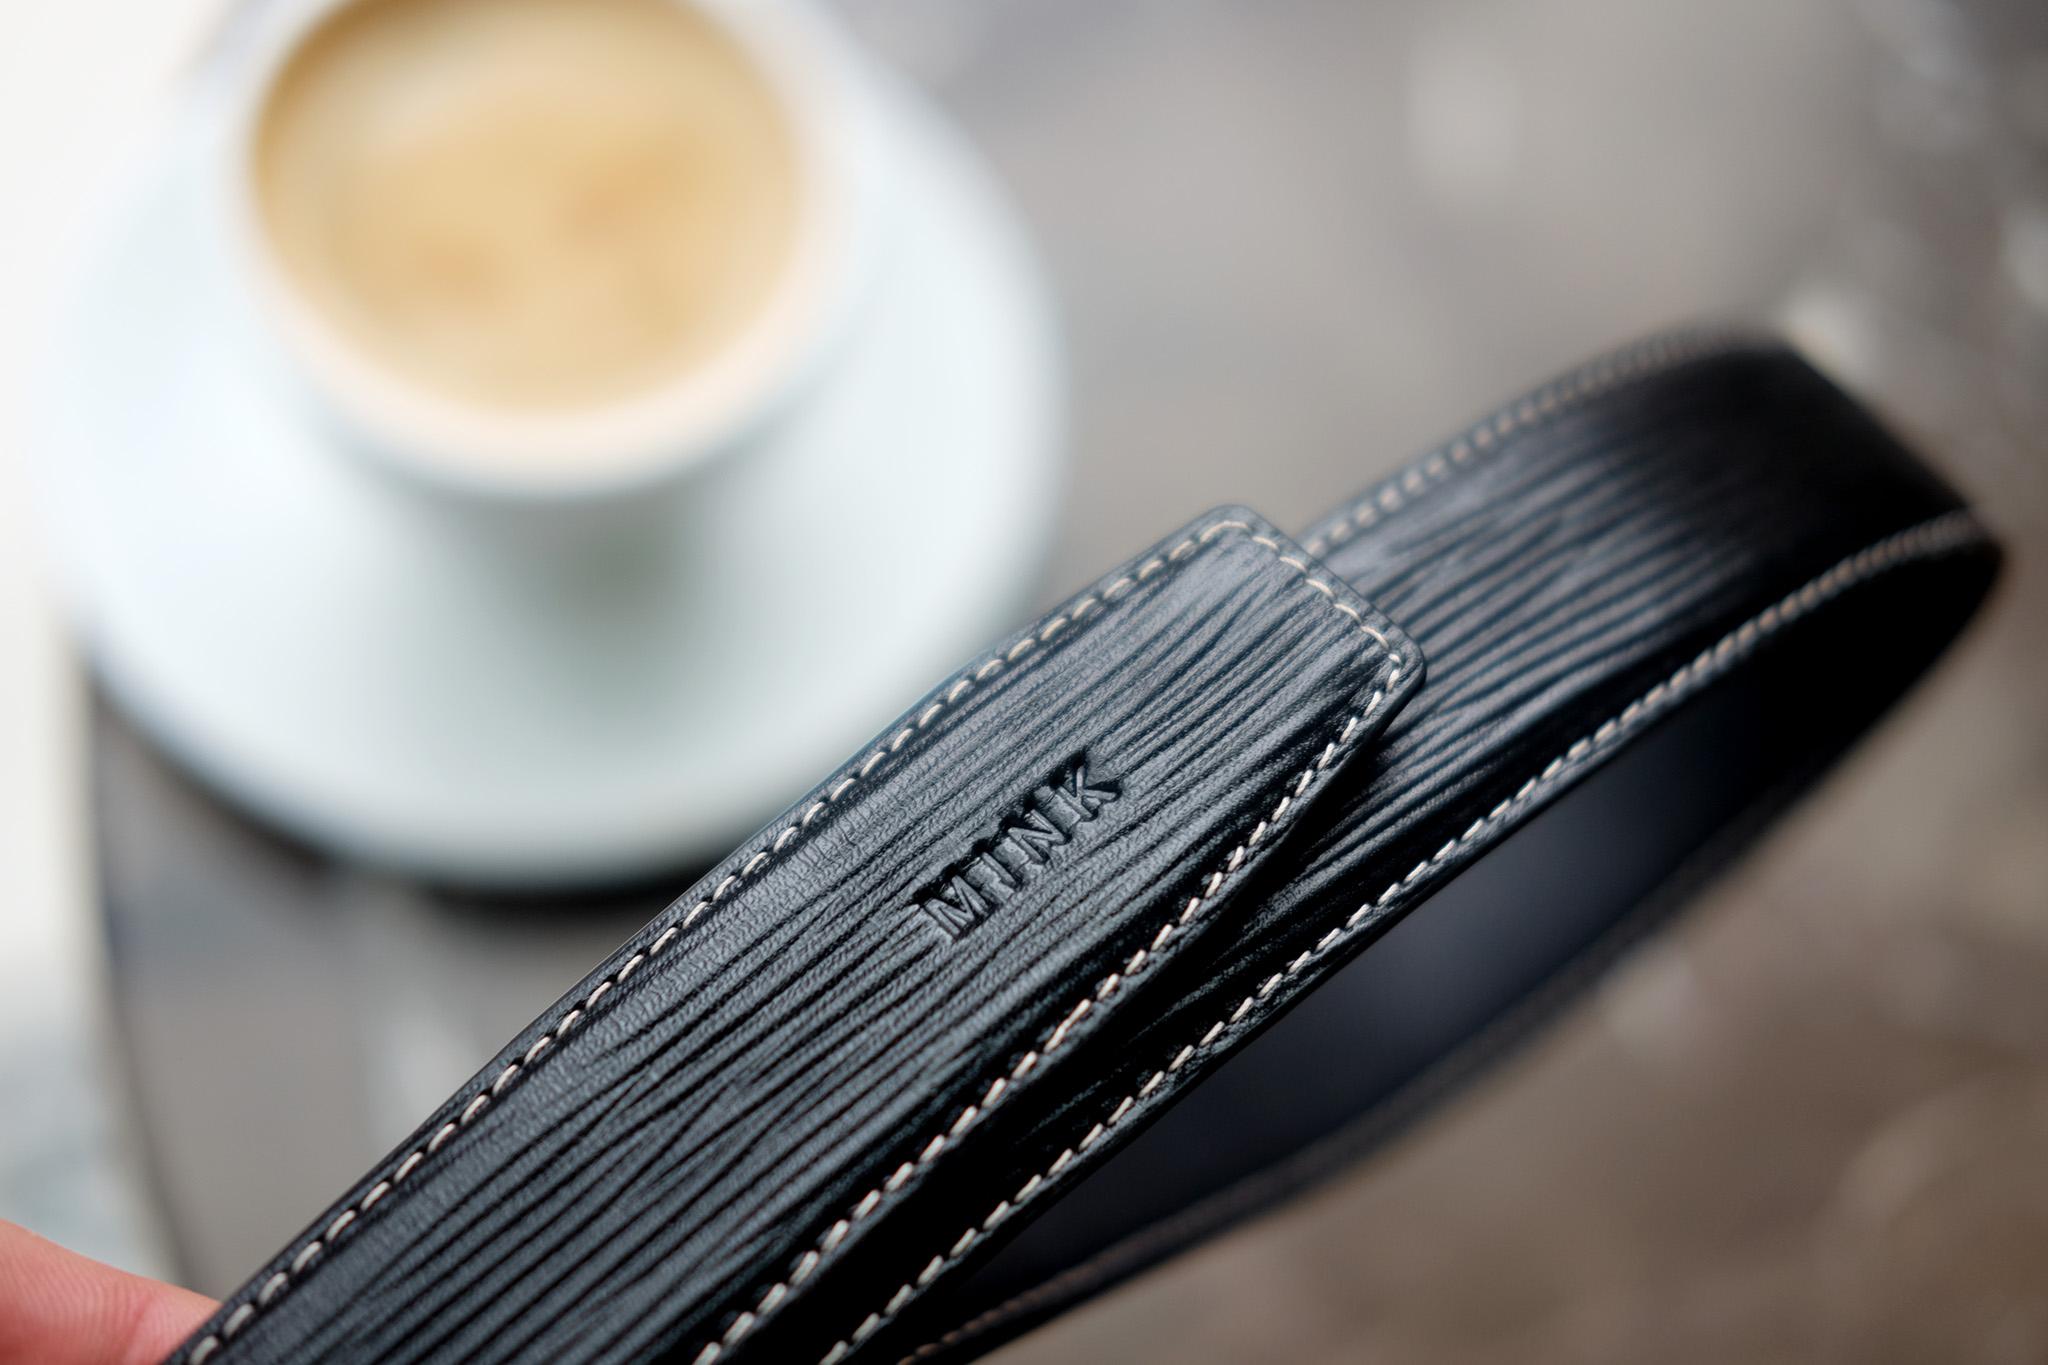 DSCF3785 - MINK Leather